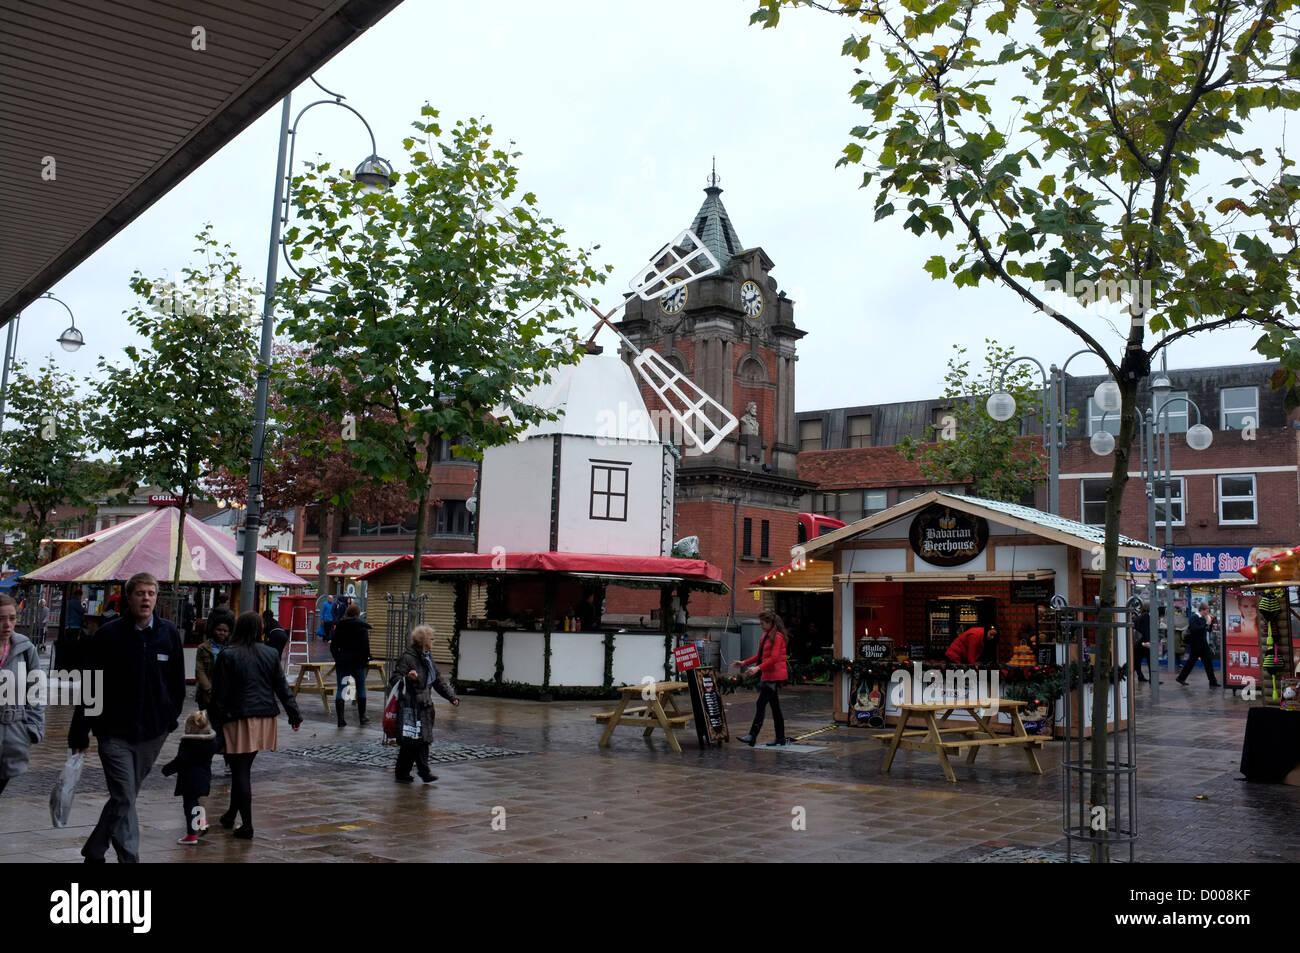 Bexleyheath centro commerciale kent Regno Unito 2012 Immagini Stock